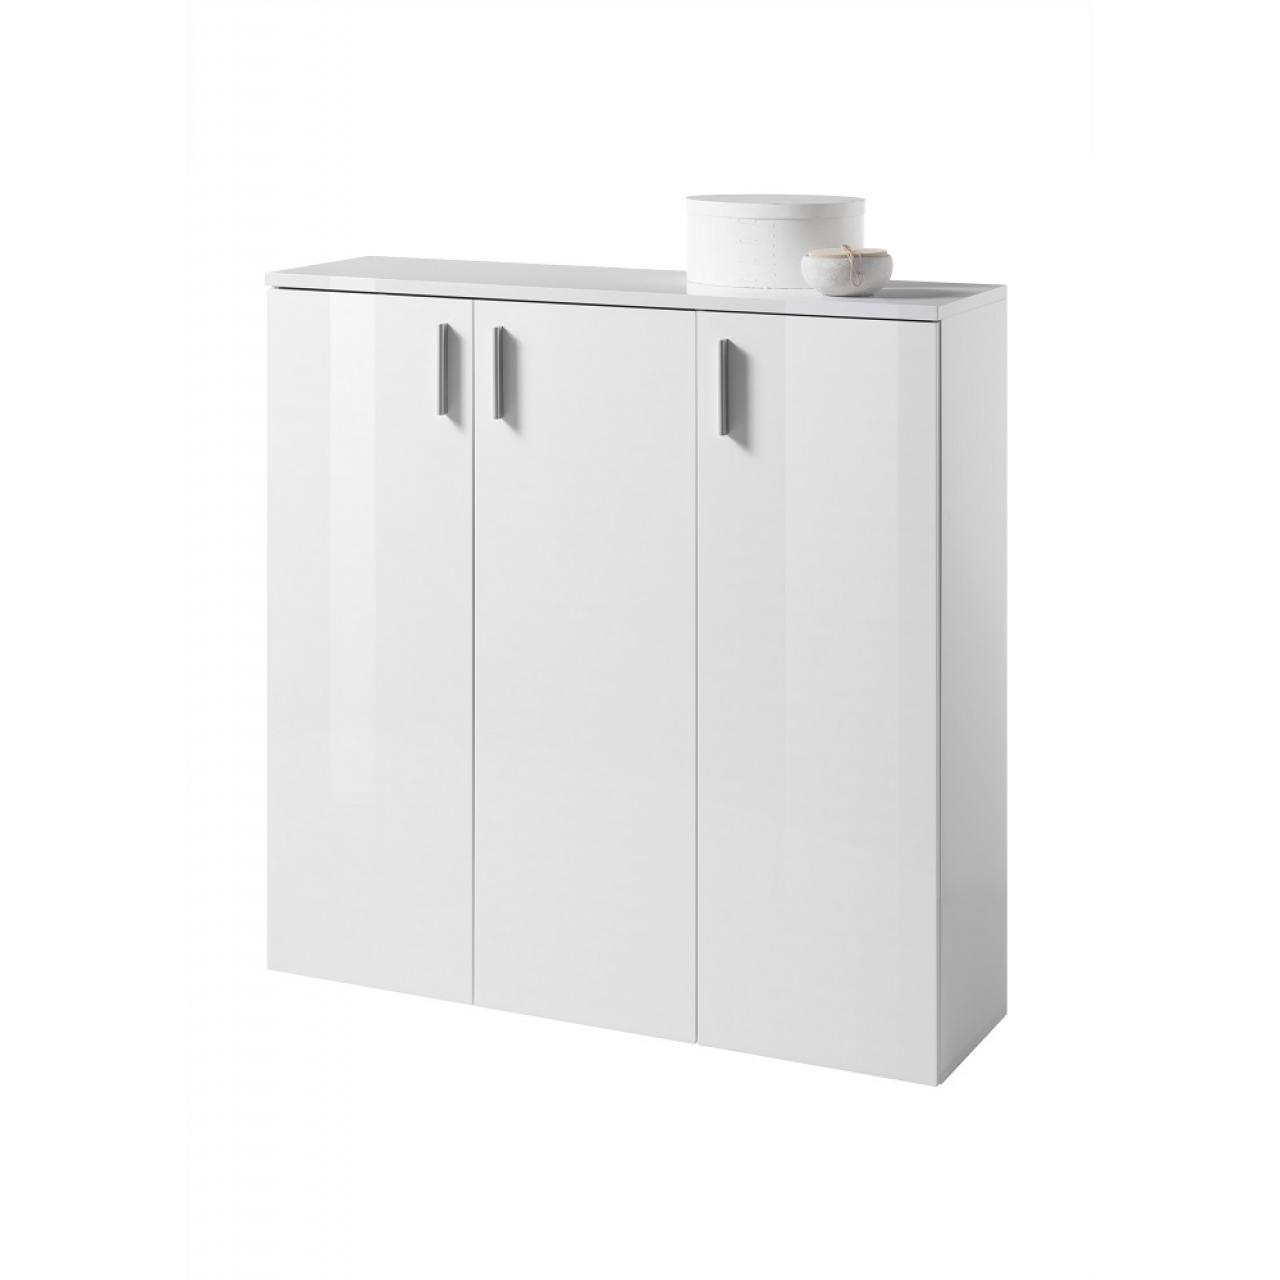 Schuhschrank Lincoln Weiß Garderobe Weiß Glanz Flur Diele Schrank 3 Türen